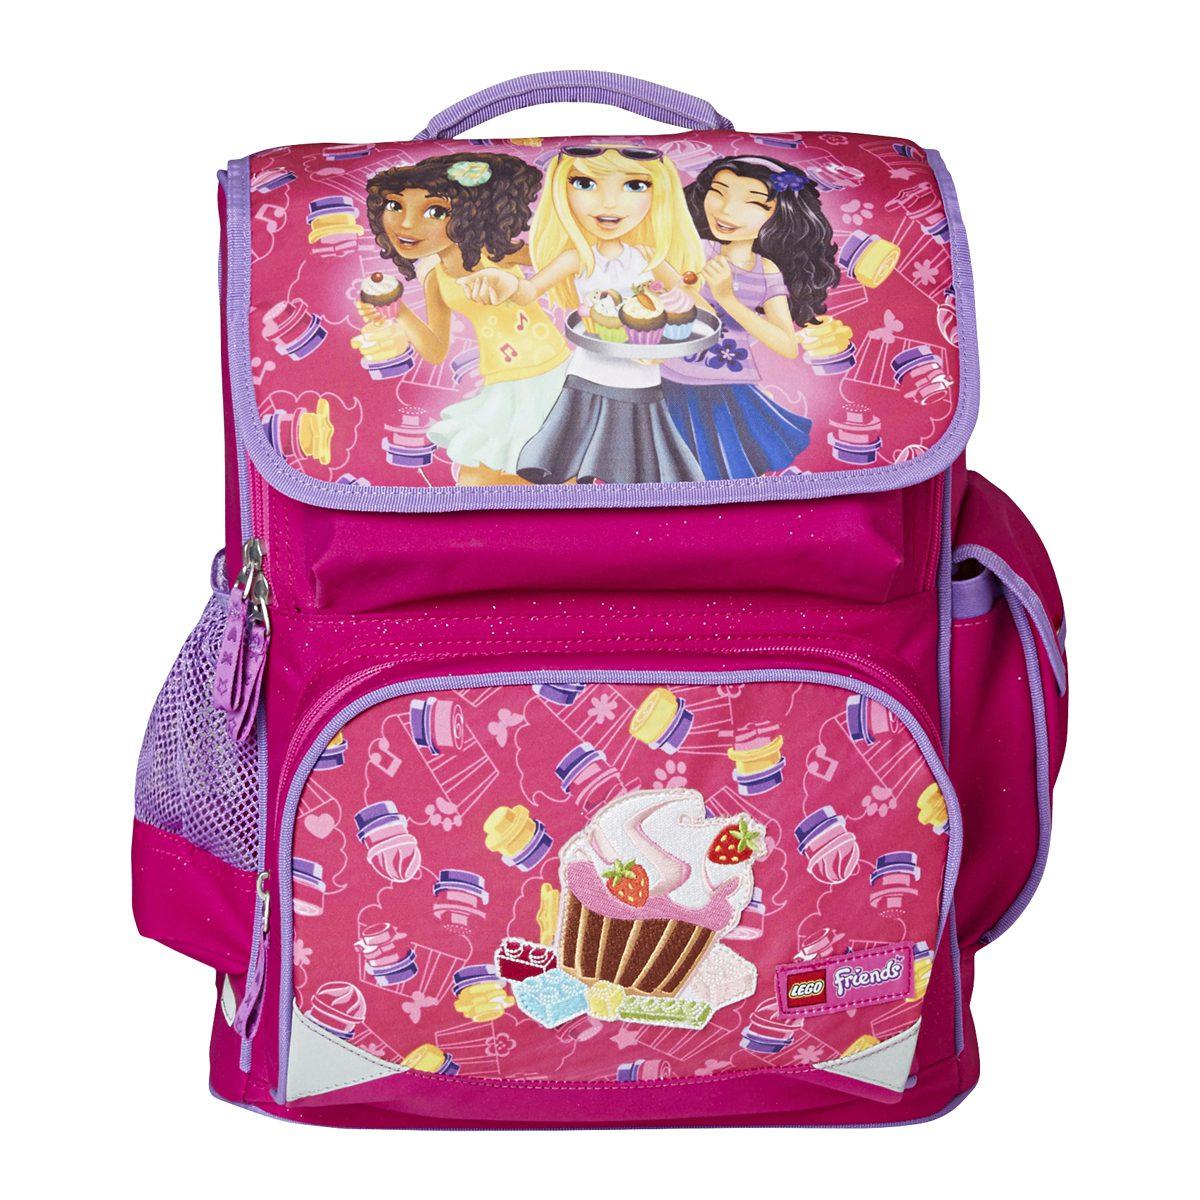 Ghiozdan Pentru Şcoală, Premium, Friends Cupcake, Core Line, Roz, Lego, LG-20028-1711